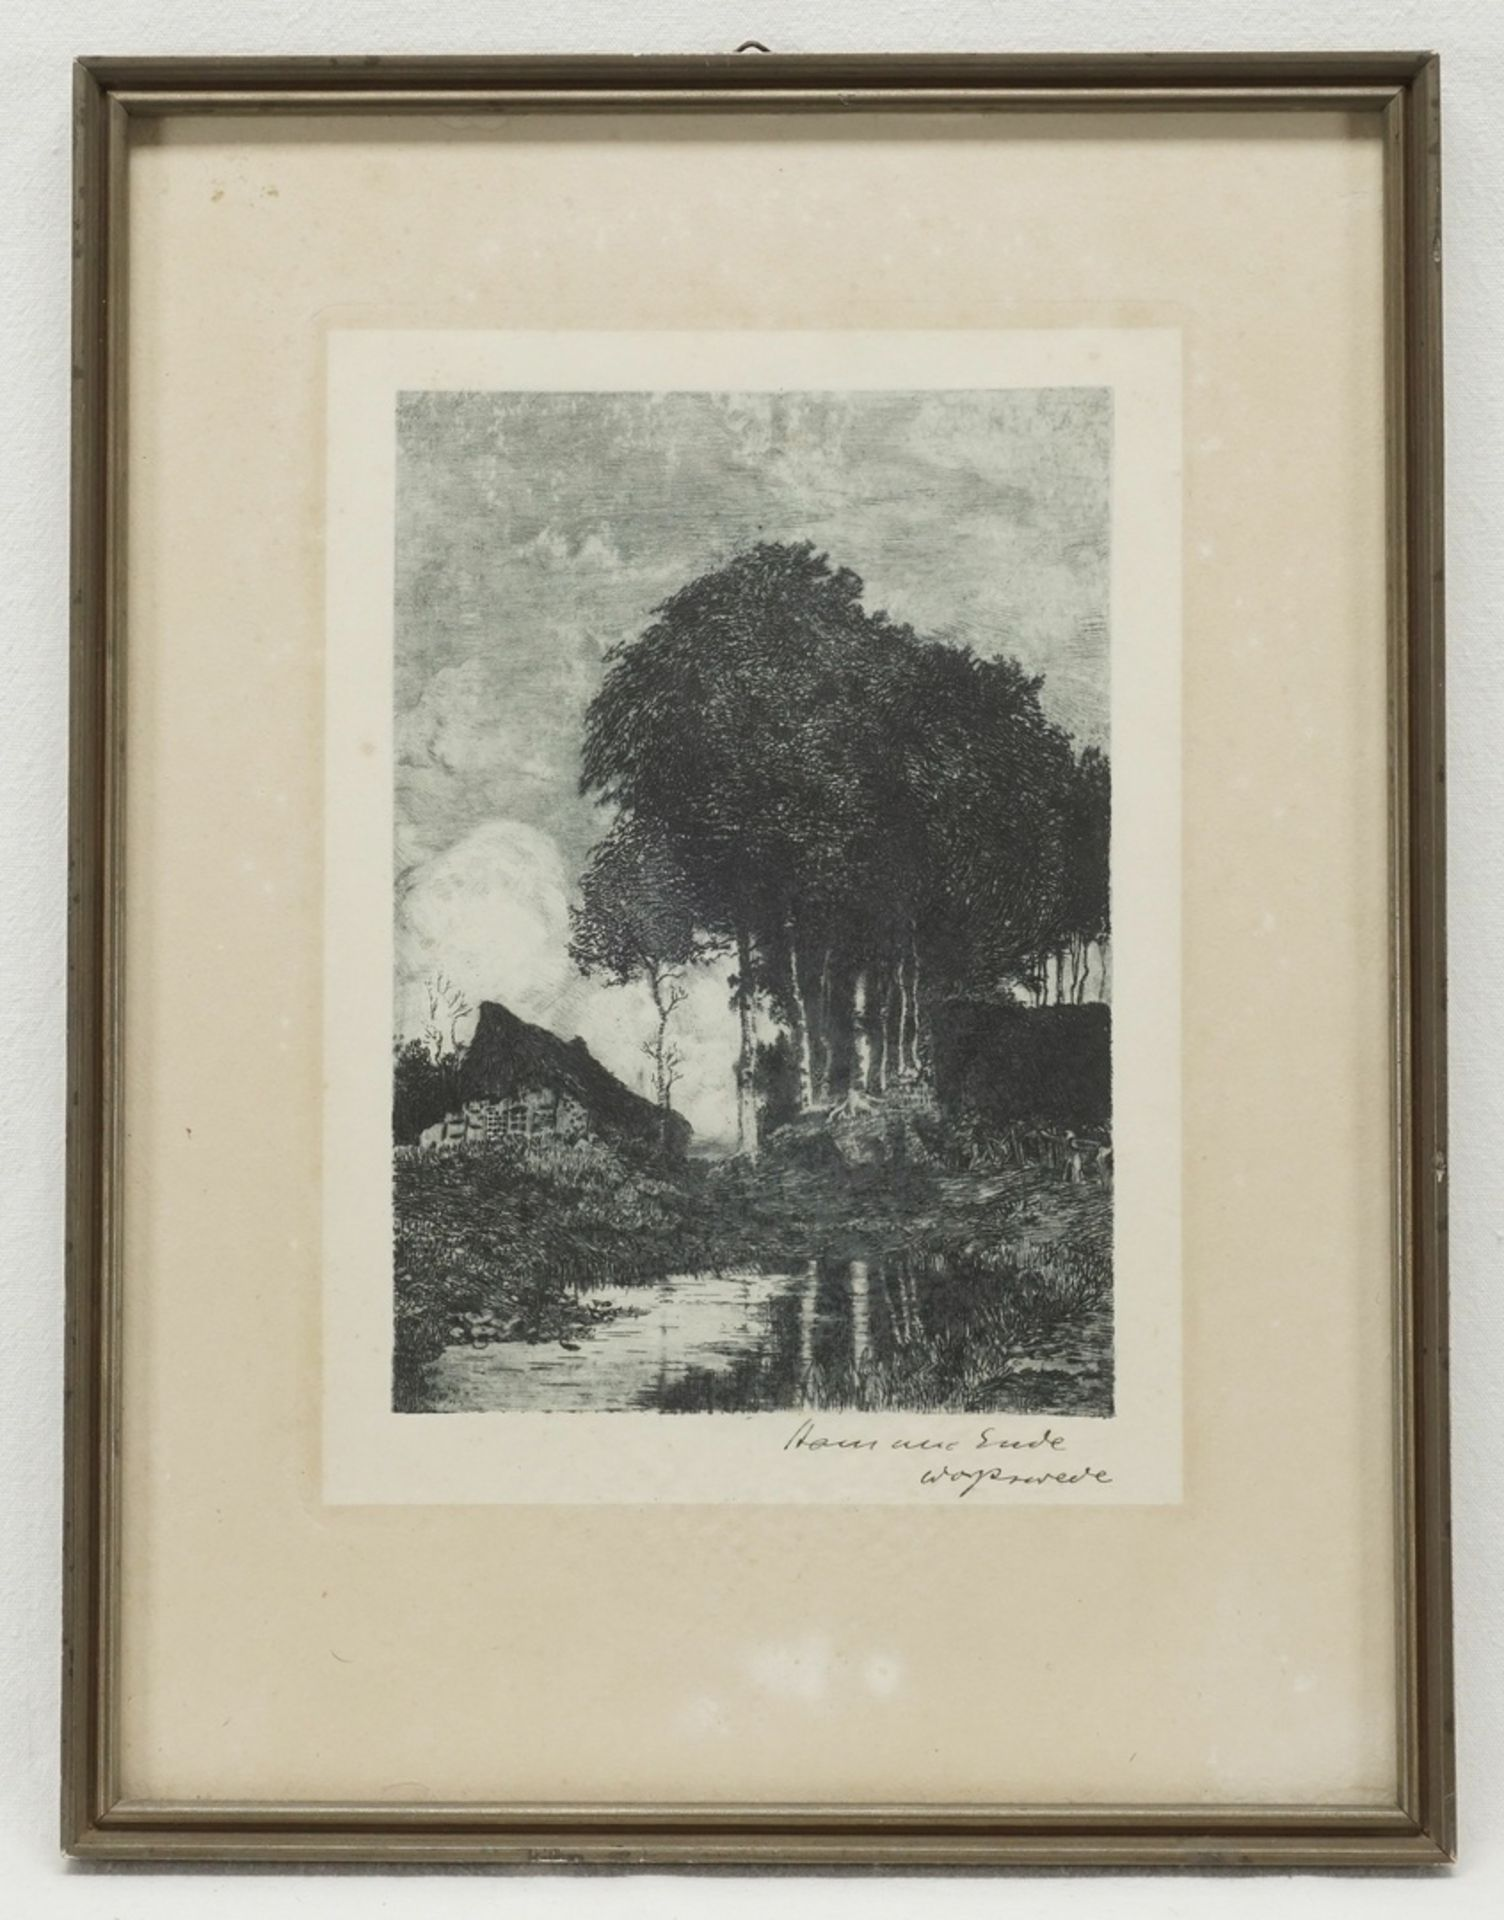 Hans am Ende, Bauernkate mit Birken im Moor - Bild 2 aus 2